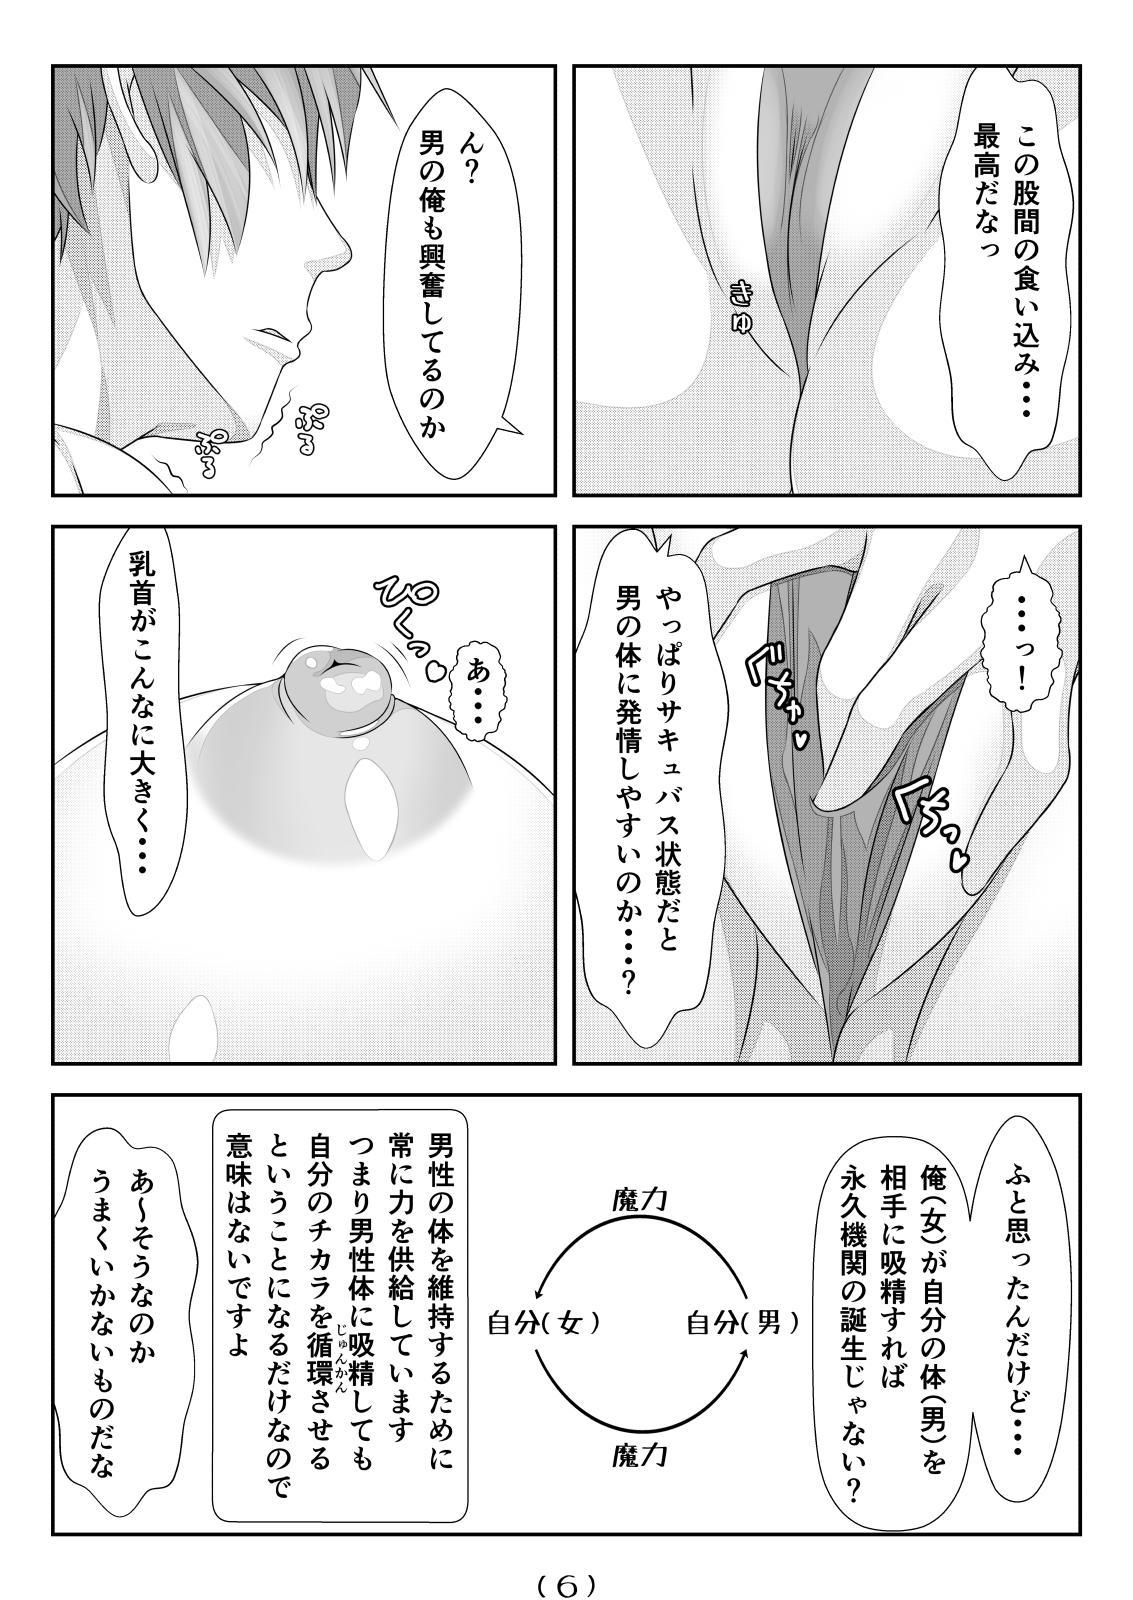 Nyotaika Cheat ga Isekai demo Souzou Ijou ni Bannou Sugita Sono 5 6